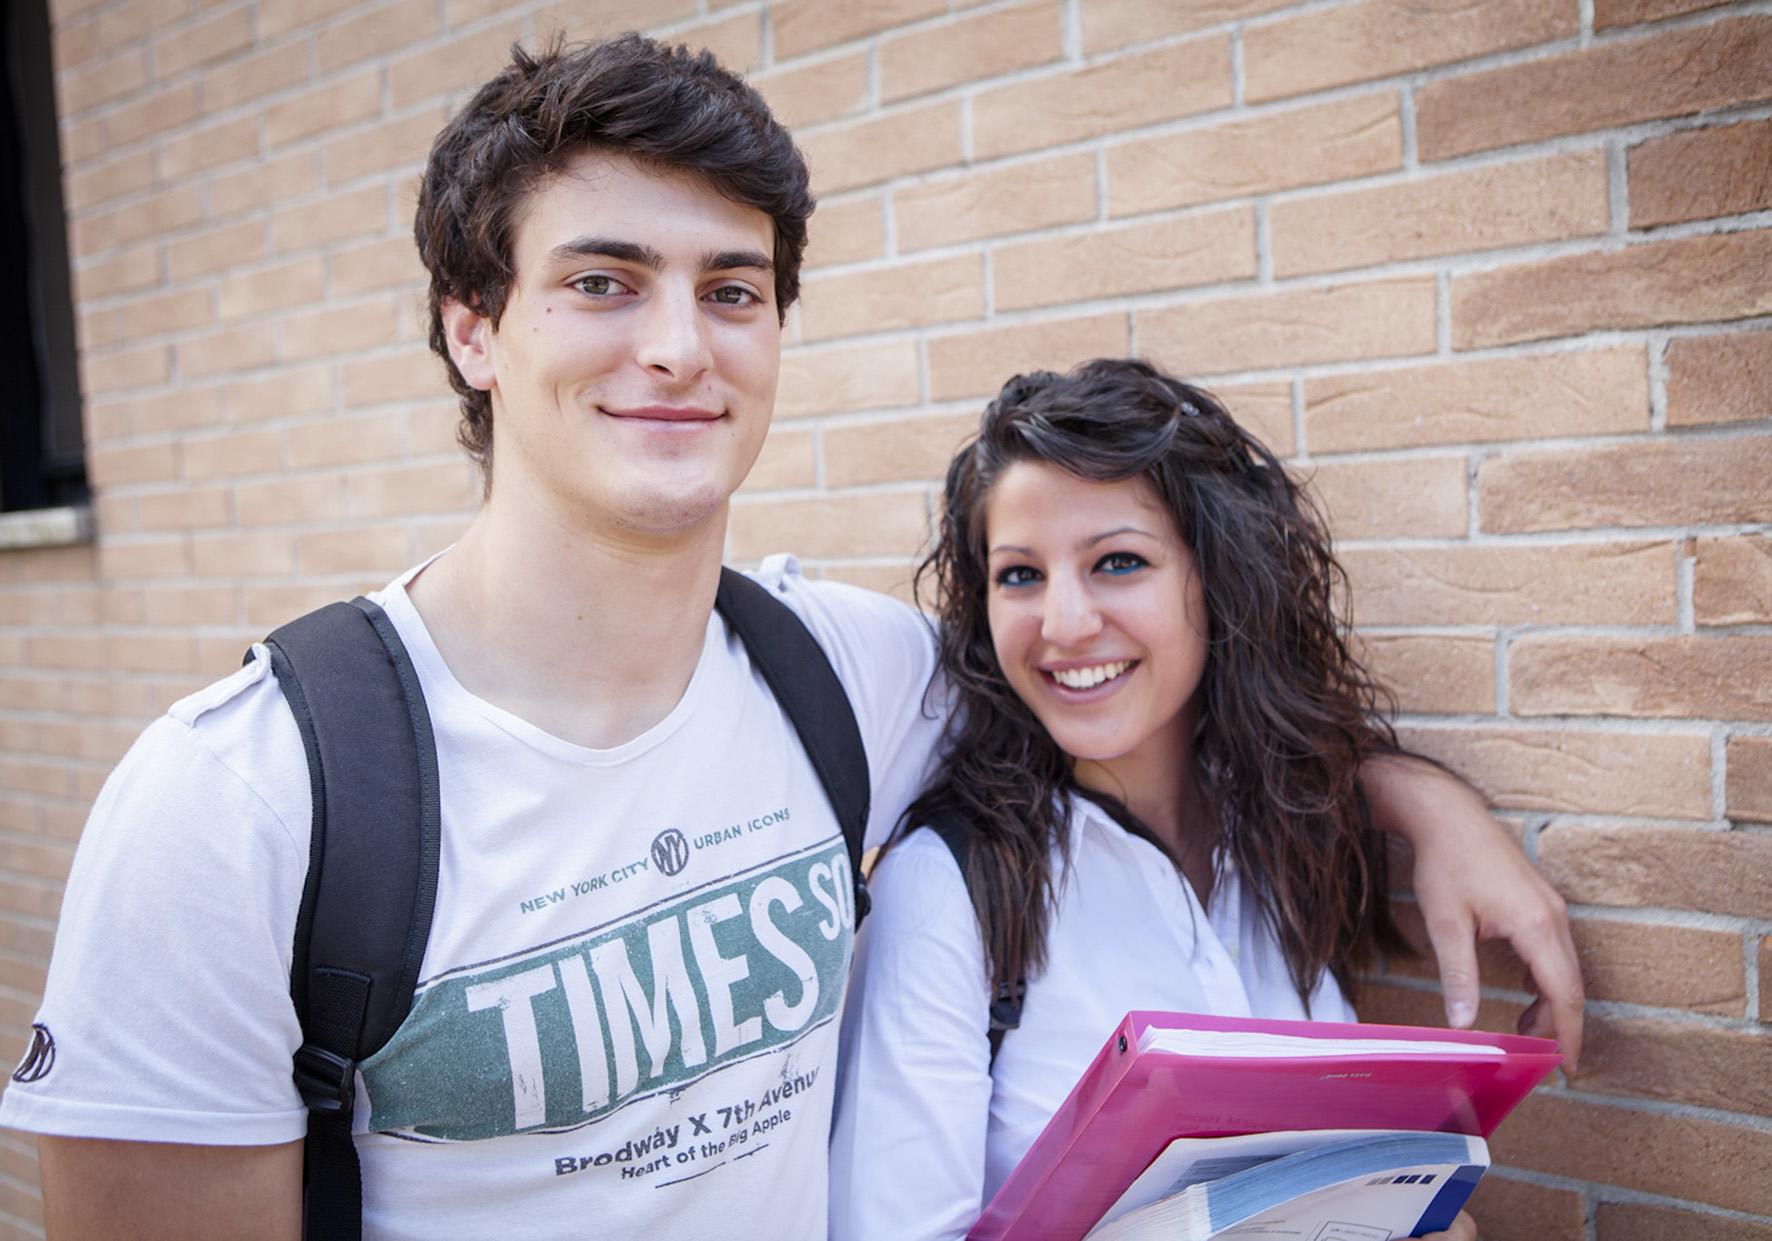 30.3. ITALIANI STUDENTI. FOTO MARIO LLORCA.WWW.MARIOLLORCA.COM